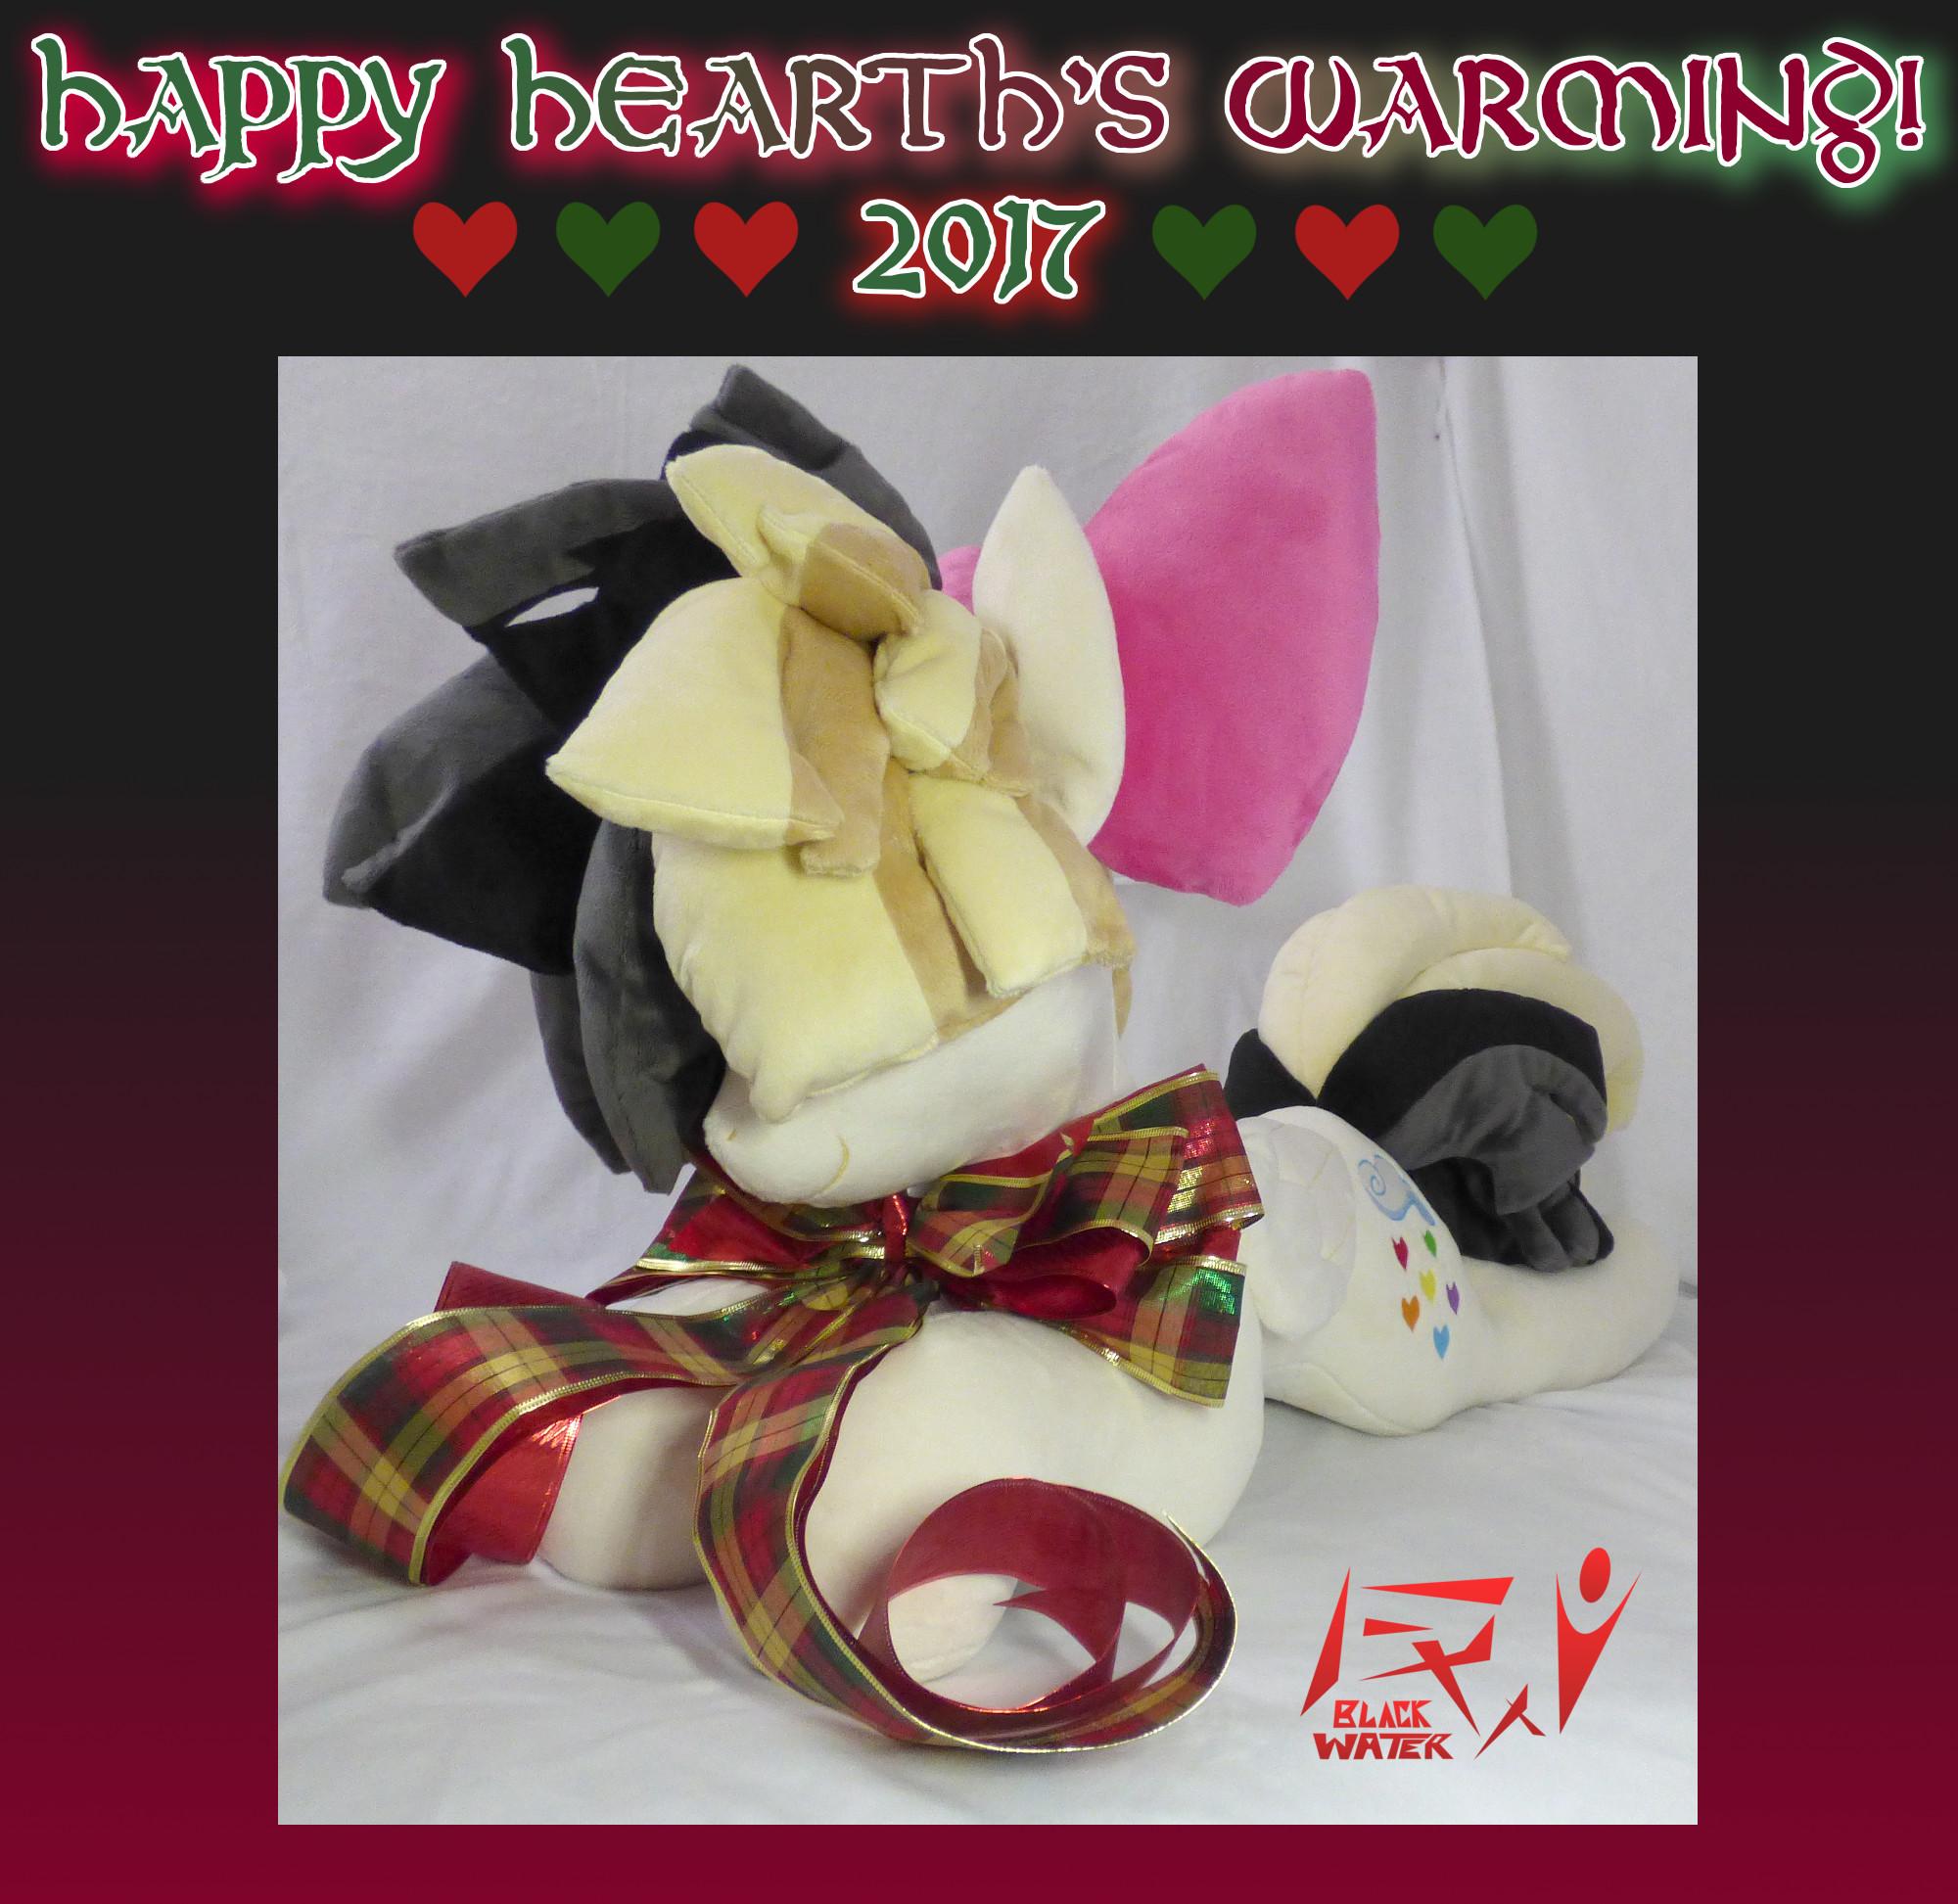 Happy Hearth's Warming 2017: Songbird Serenade by BlackWater627